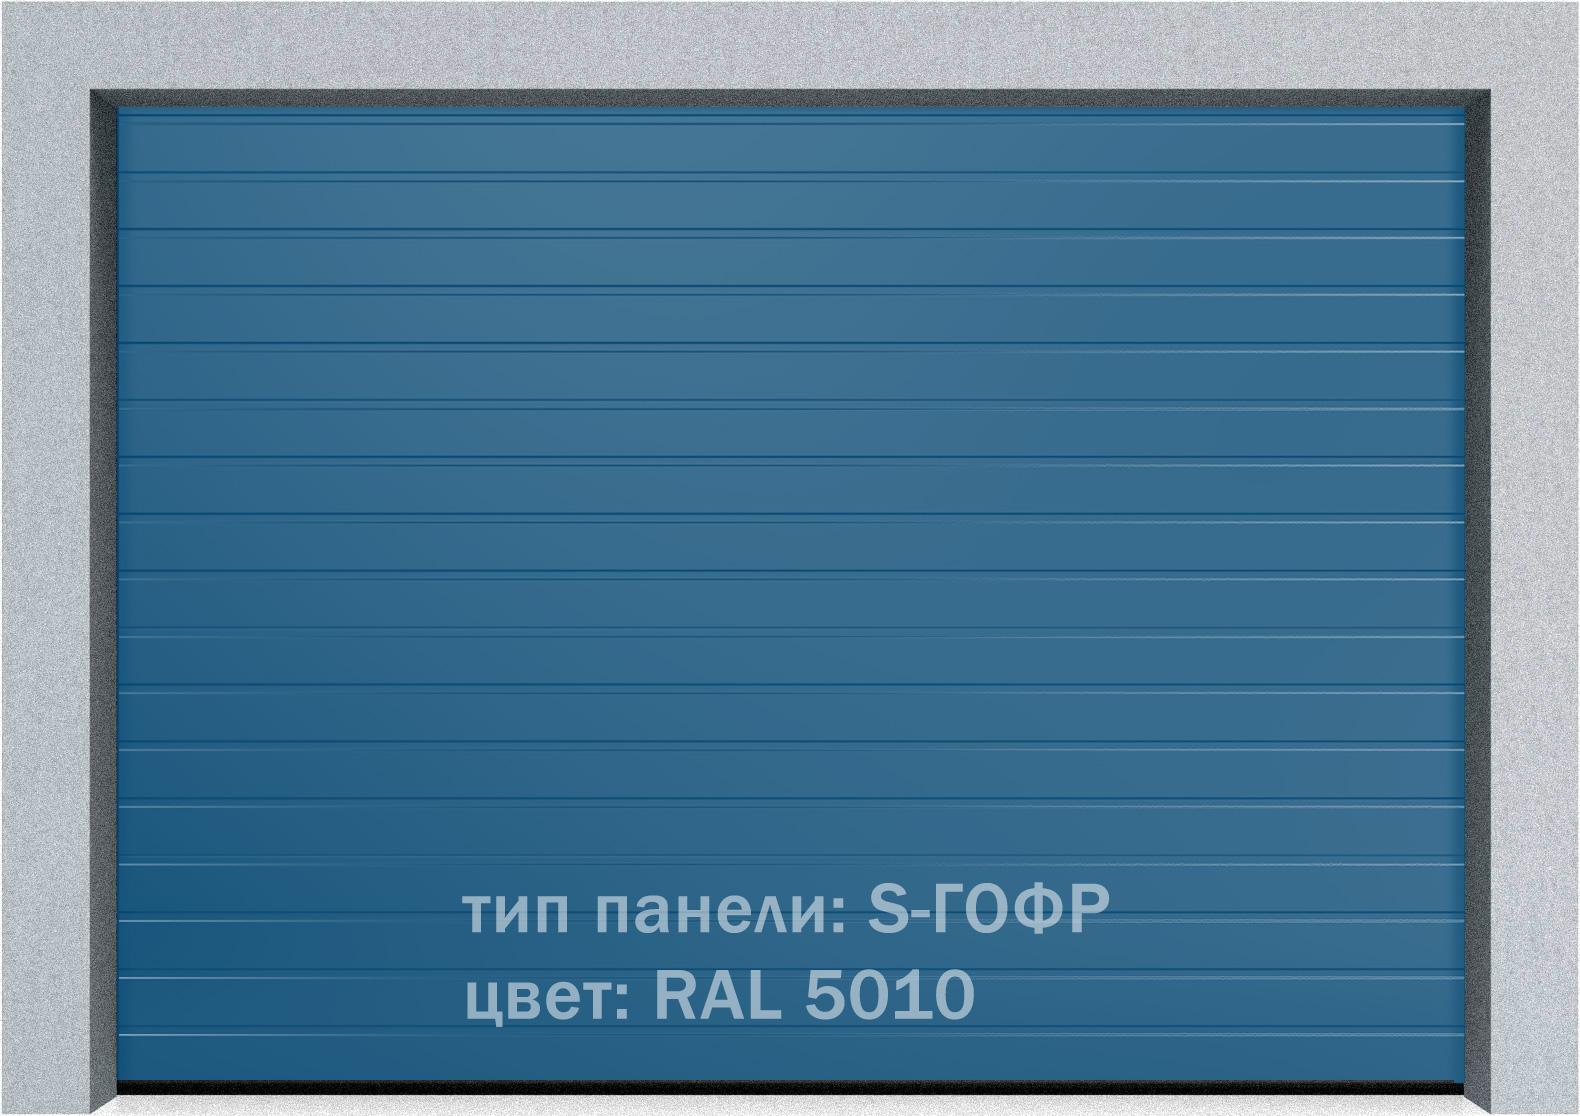 Секционные промышленные ворота Alutech ProTrend 3375х2000 S-гофр, Микроволна стандартные цвета, фото 6